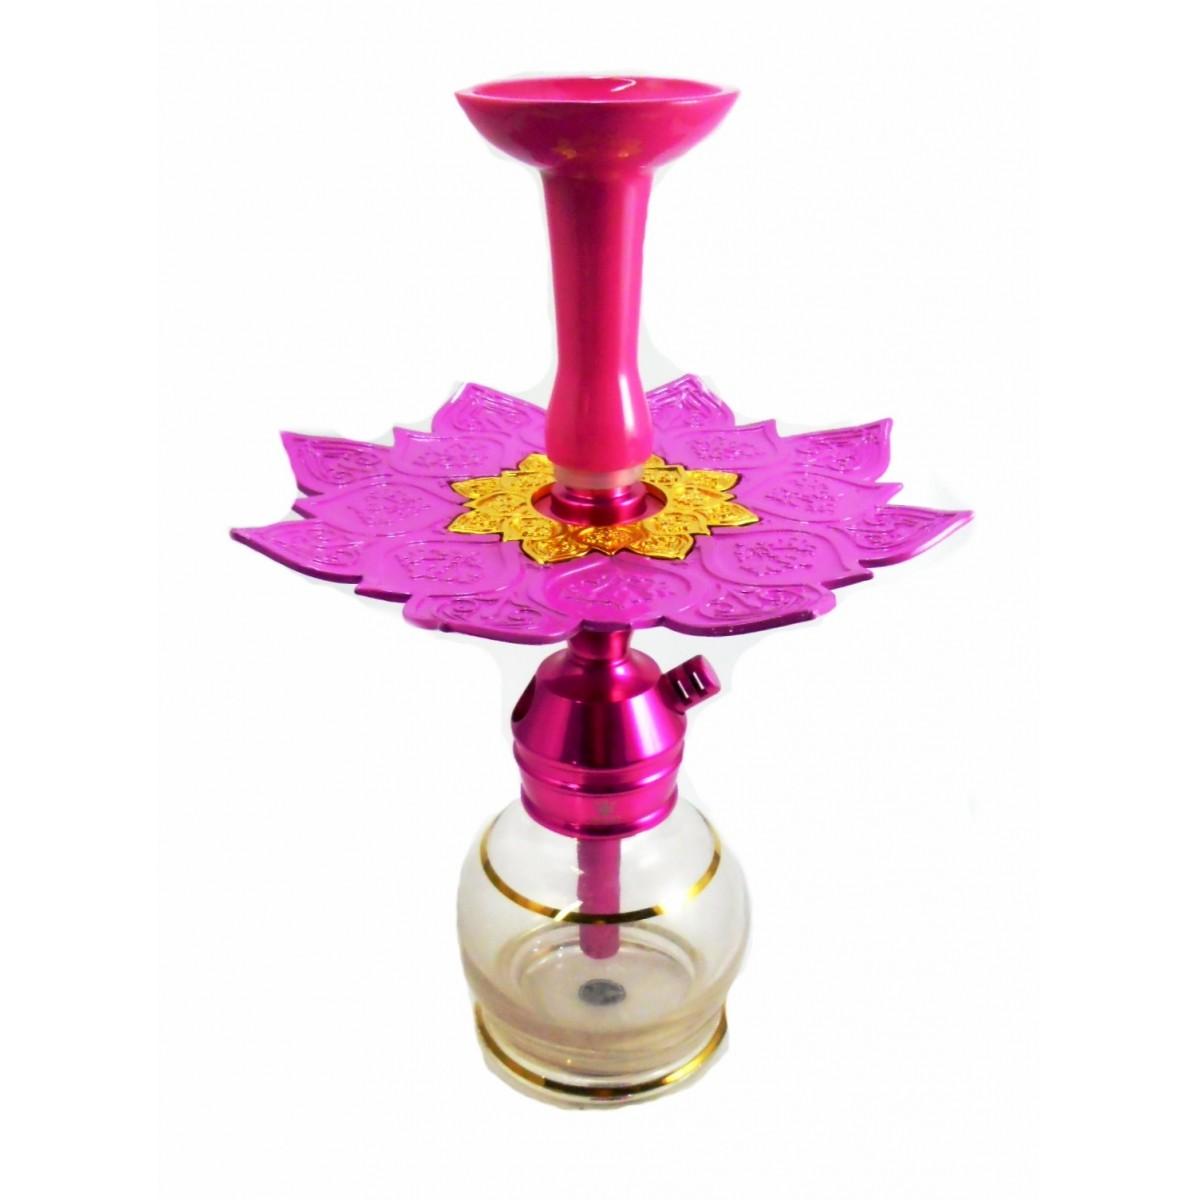 Narguile TRITON ZIP 35cm SETUP sem mangueira, vaso listra dourada, fornilho alumínio rosa. Prato Athenas Rosa/Dourado.